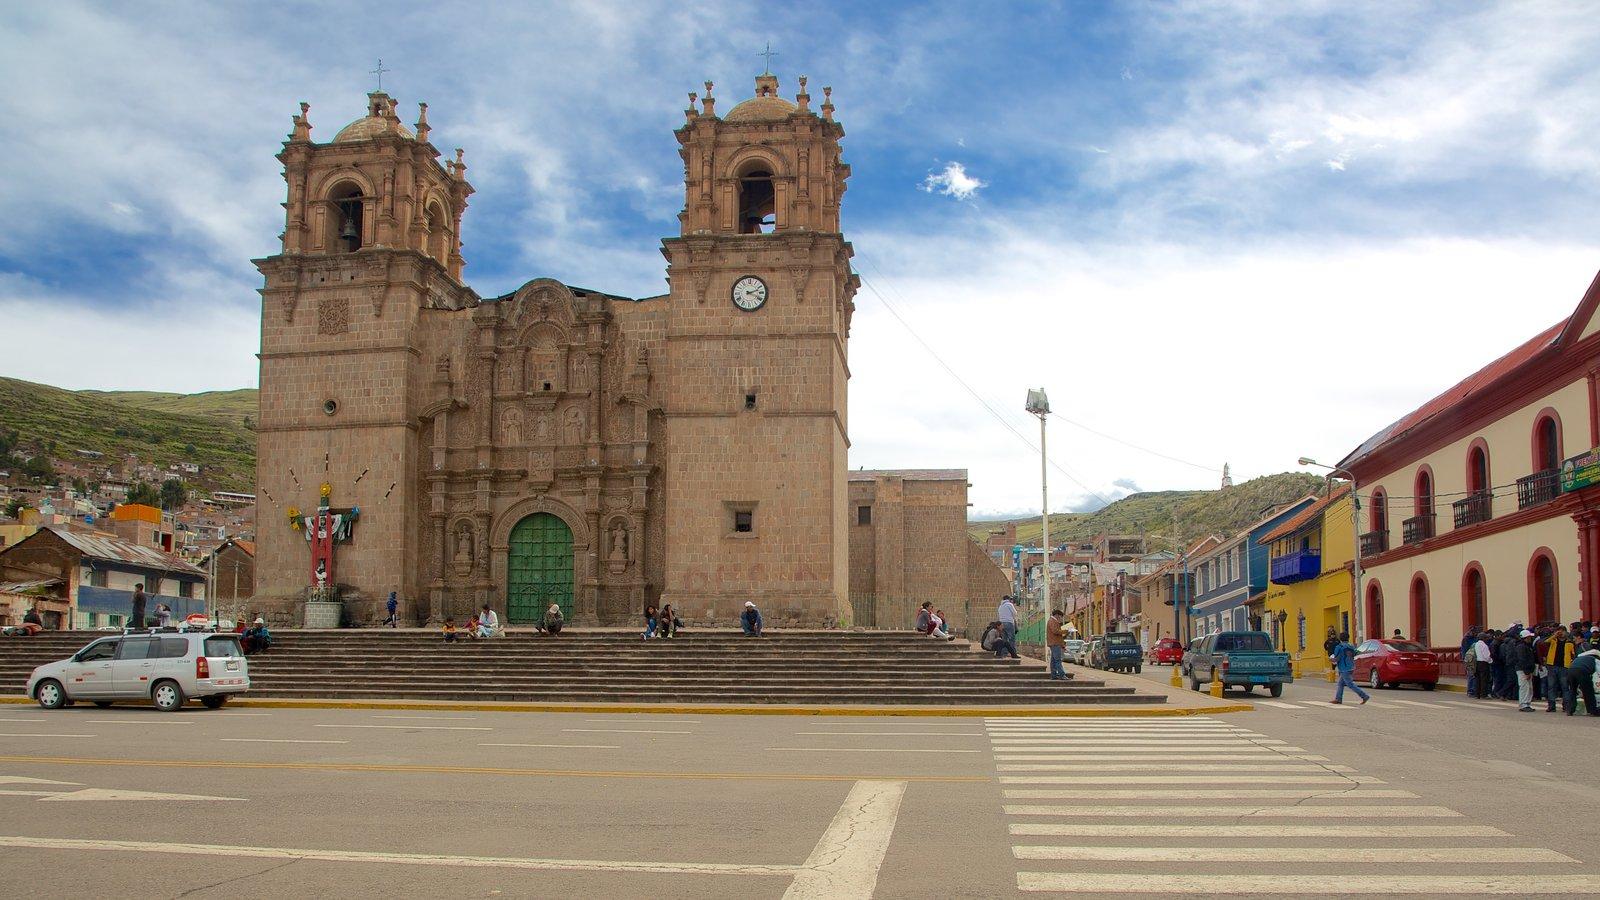 Catedral de Copacabana caracterizando arquitetura de patrimônio, aspectos religiosos e uma igreja ou catedral